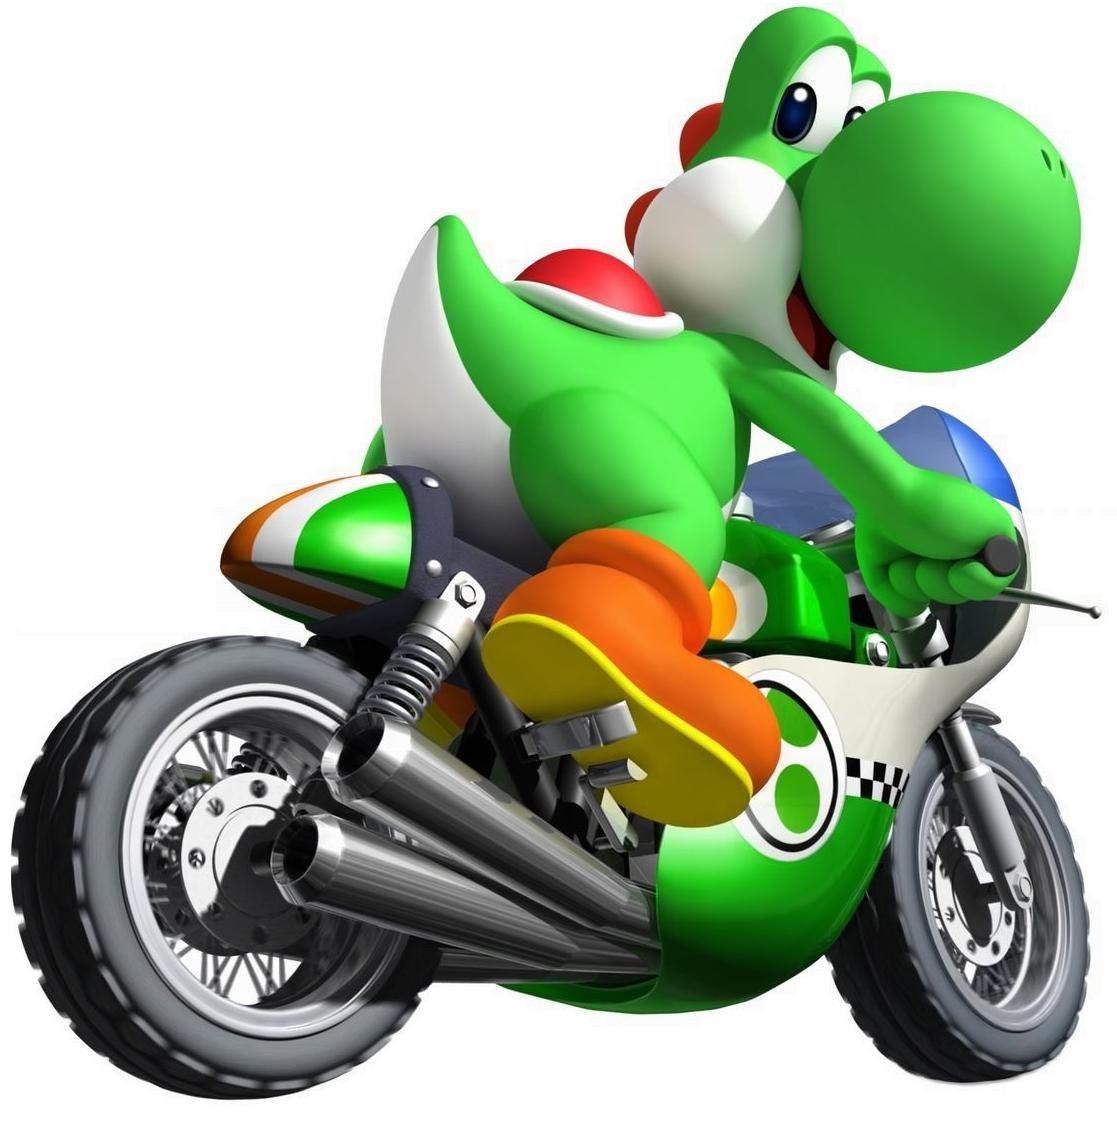 Yoshi Mario Kart Wii Jpg 1117 1121 Mario Et Luigi Yoshi